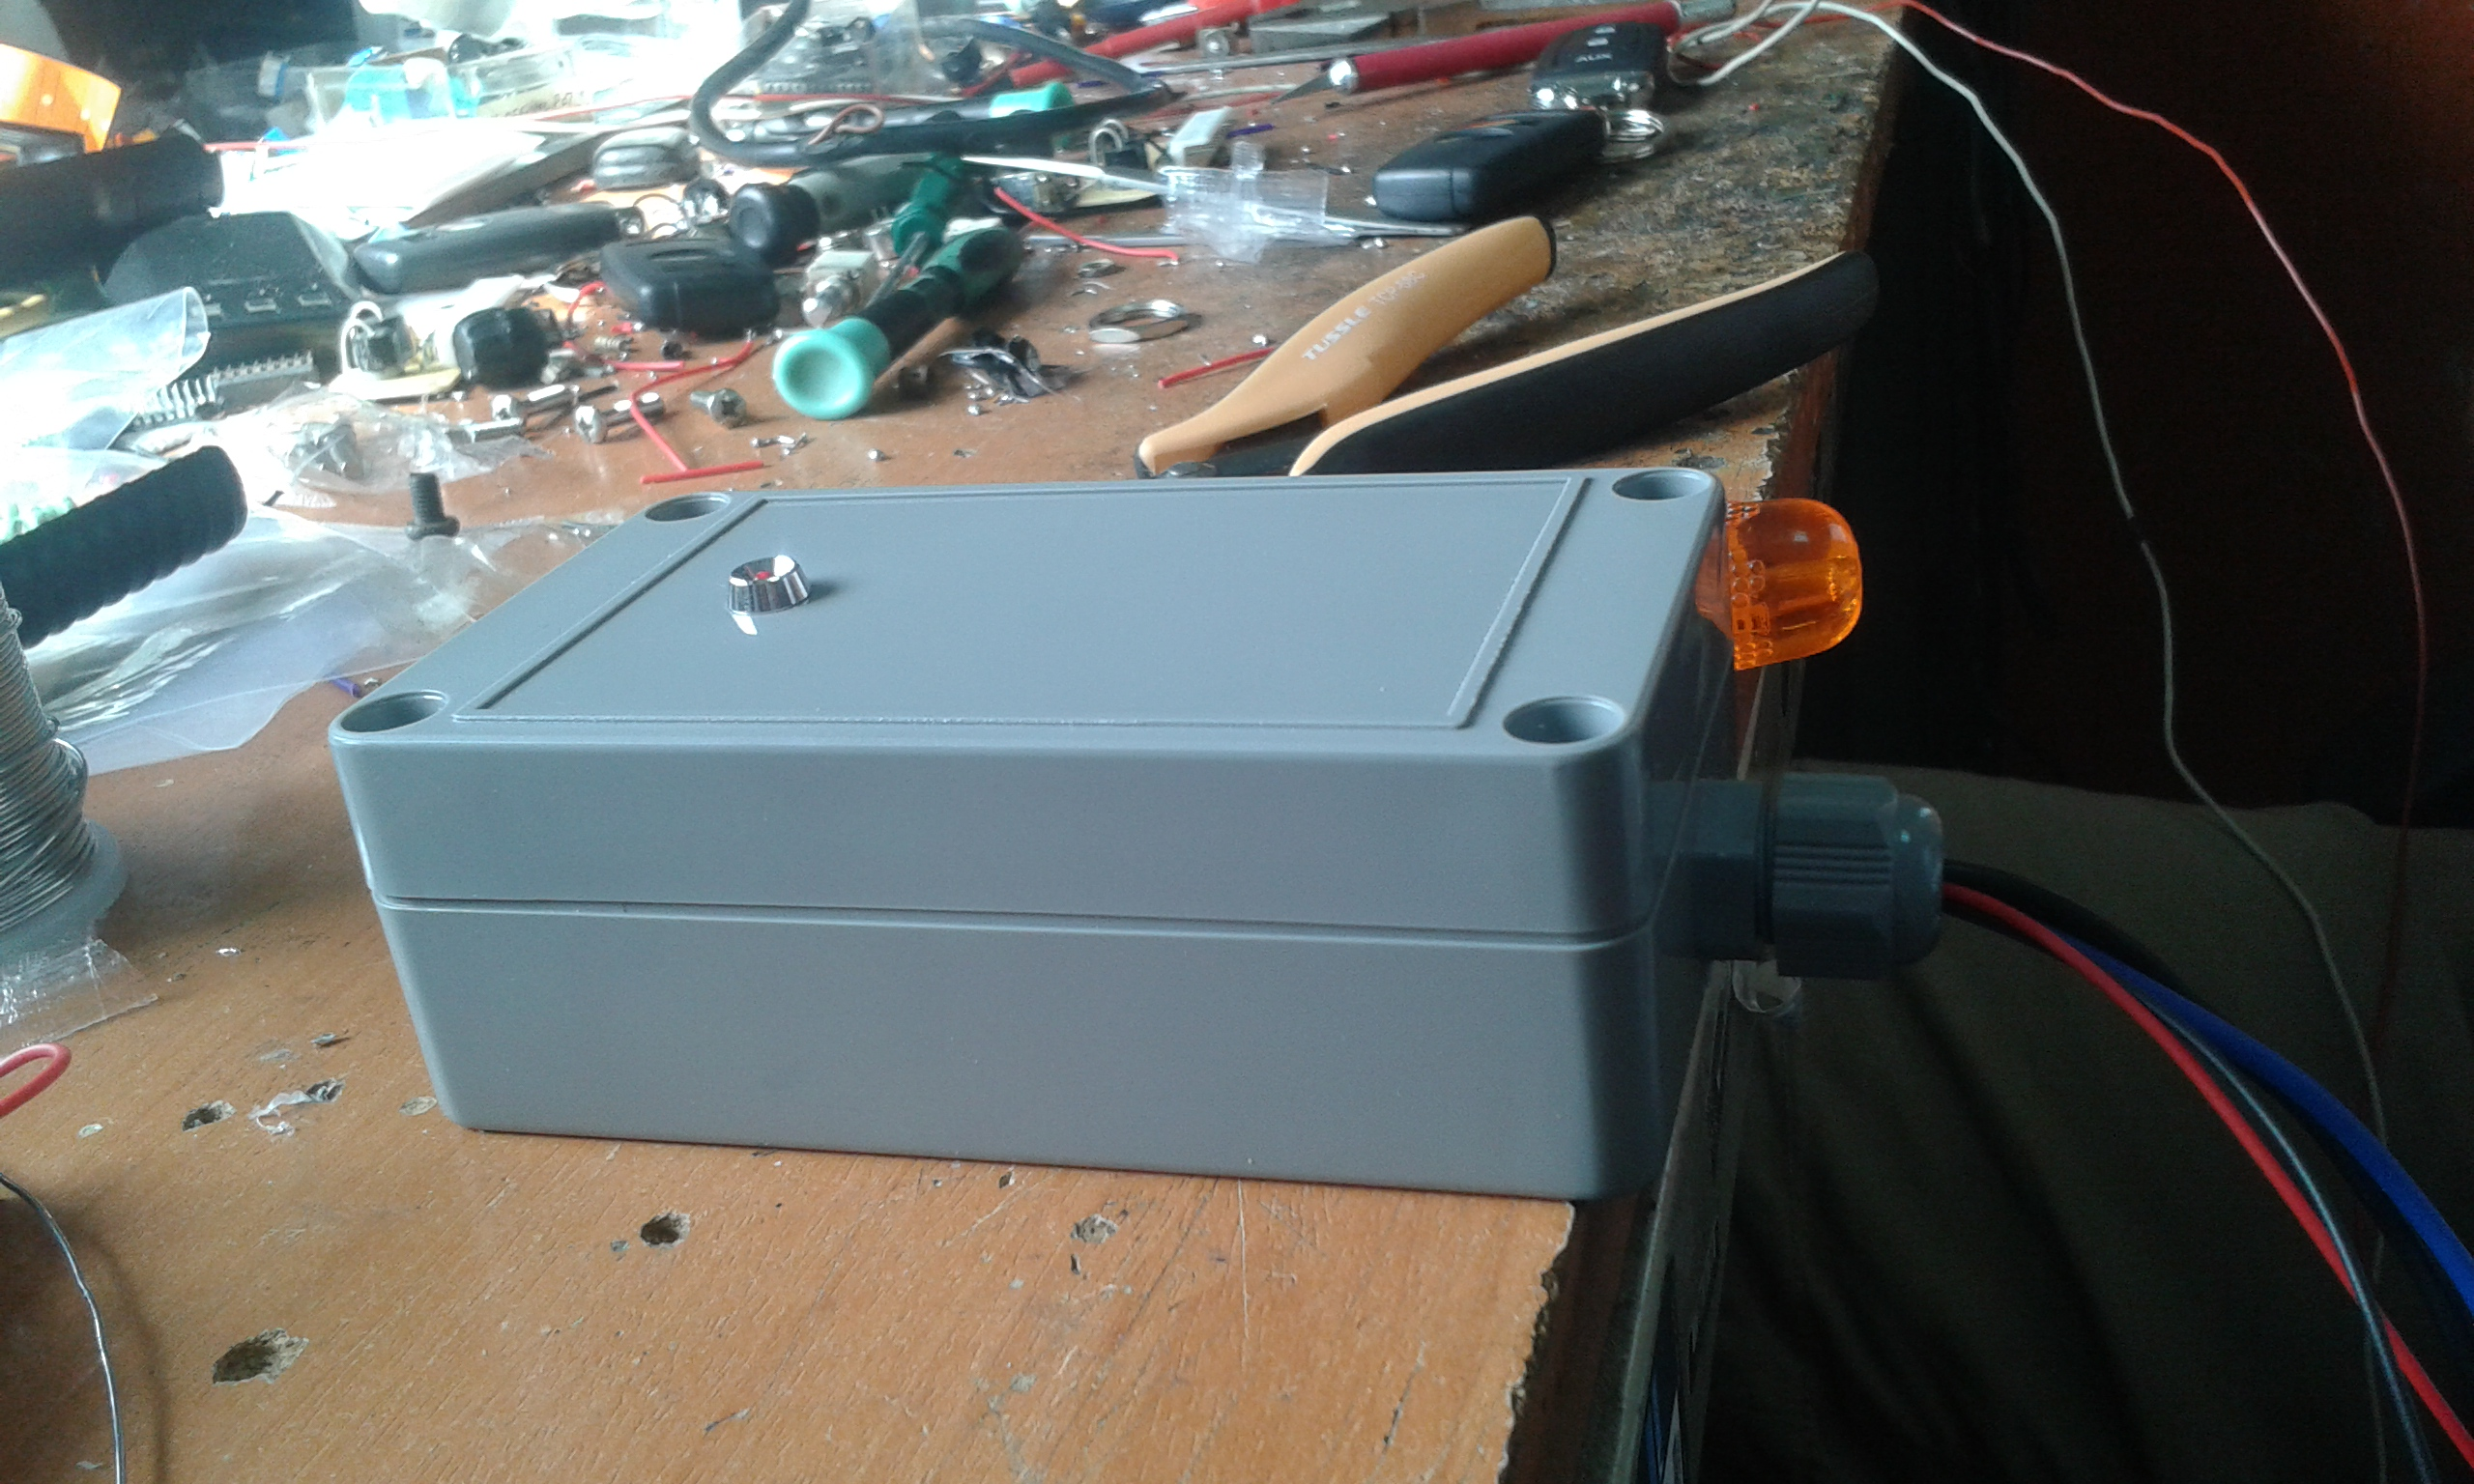 En ucuz tekne marine alarm güvenlik sistemi, devre kesici cihaz